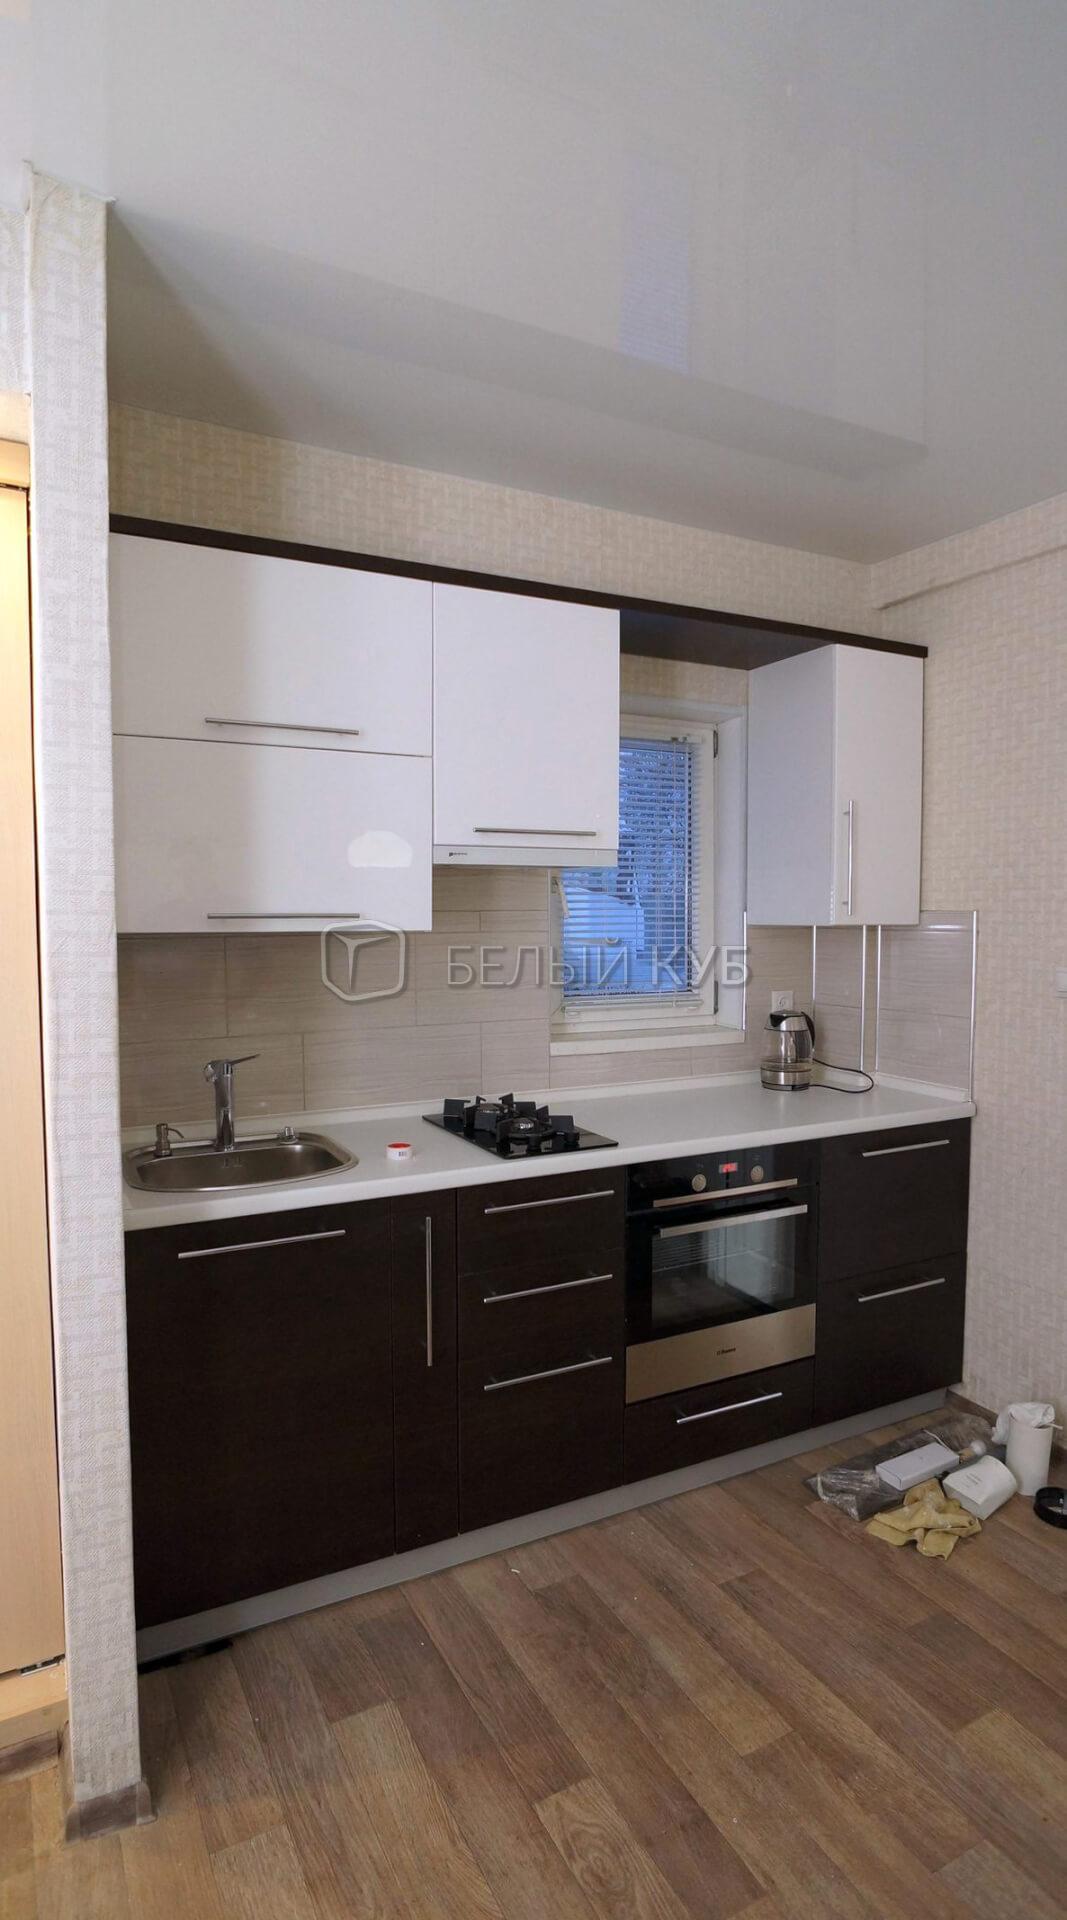 WC-Kitchen37a